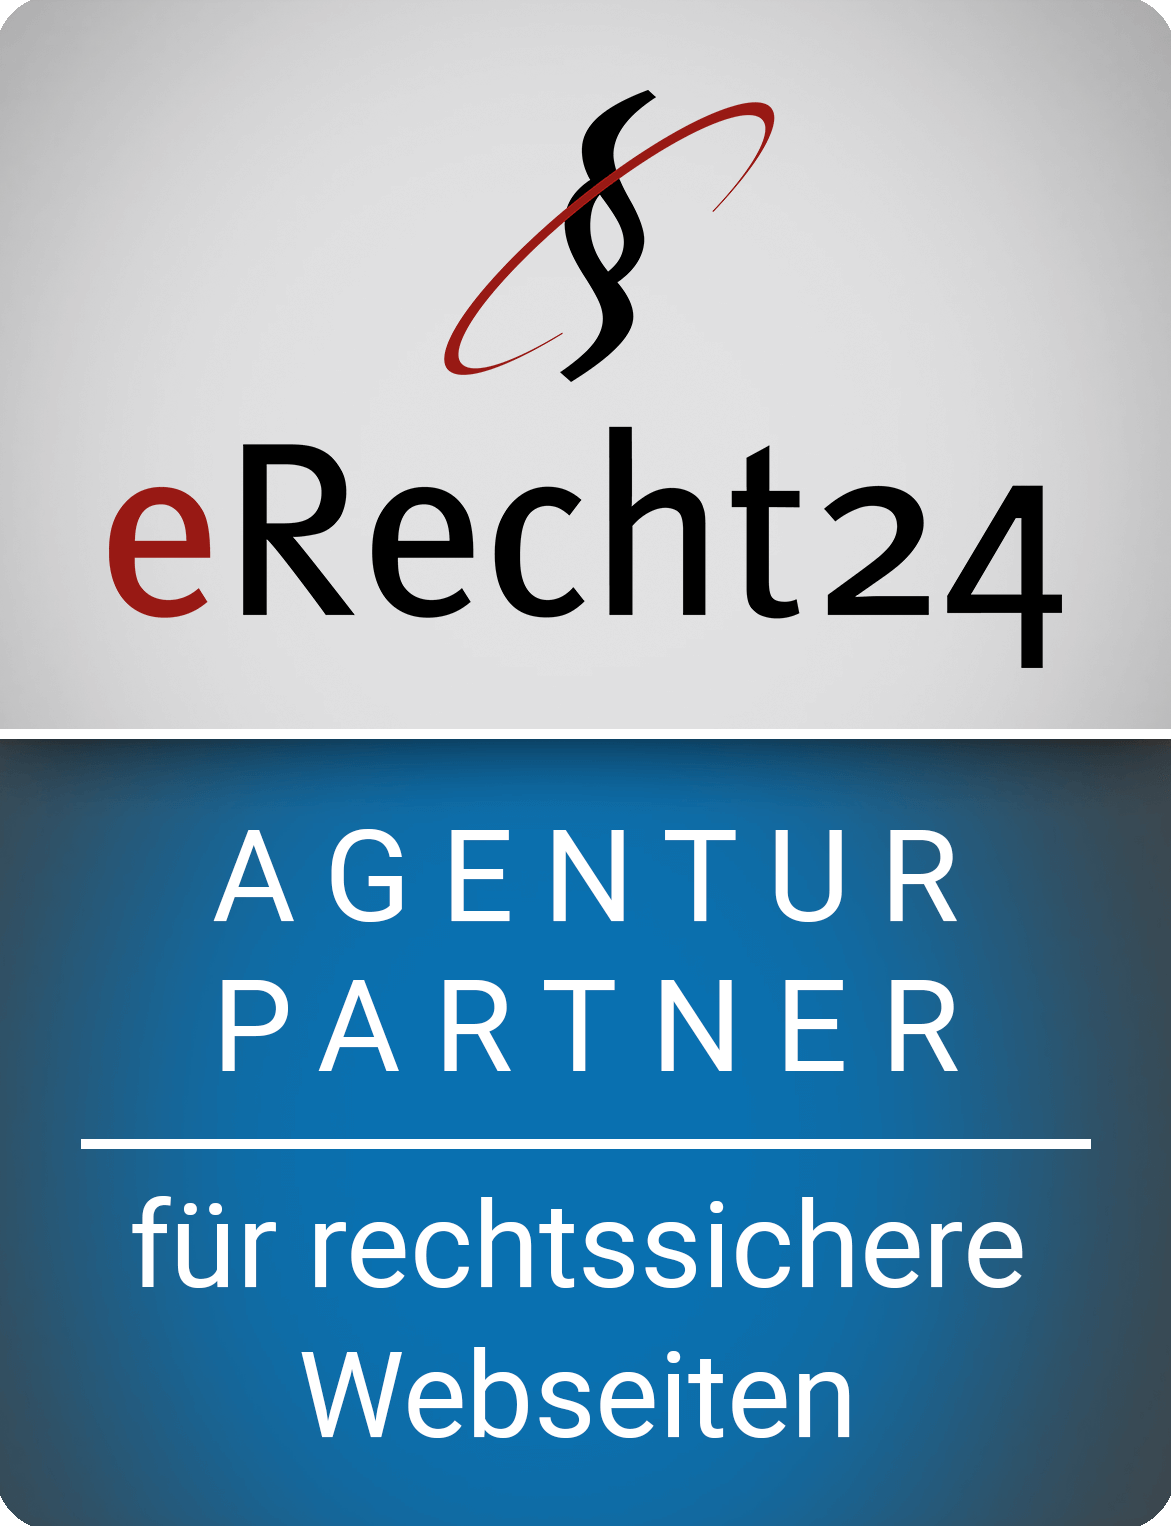 eRecht24 Agentur Partner für rechtssichere Webseiten